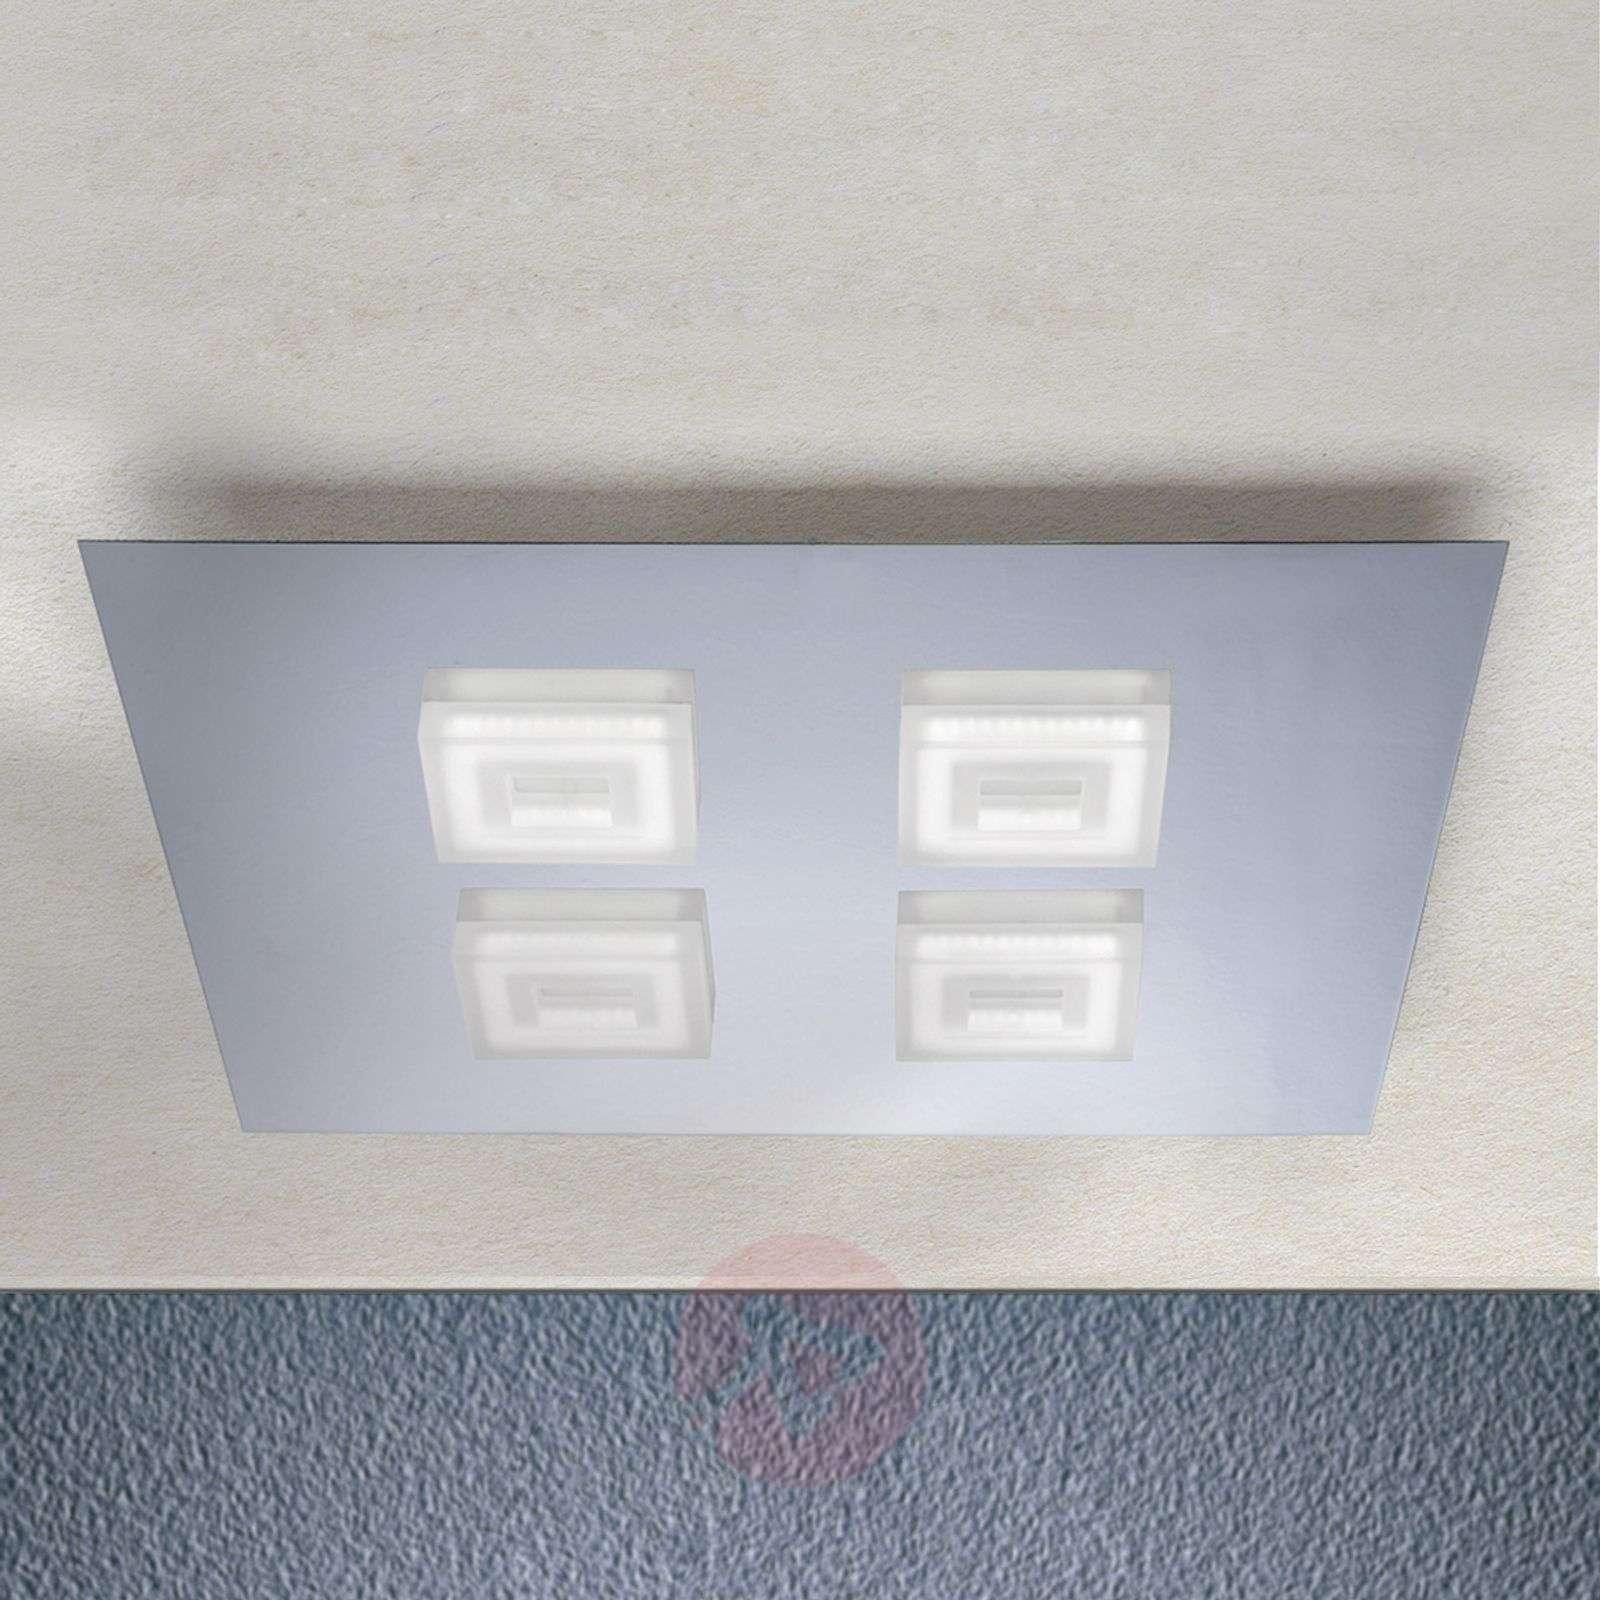 20 watin LED-kattovalaisin David-7254673-01